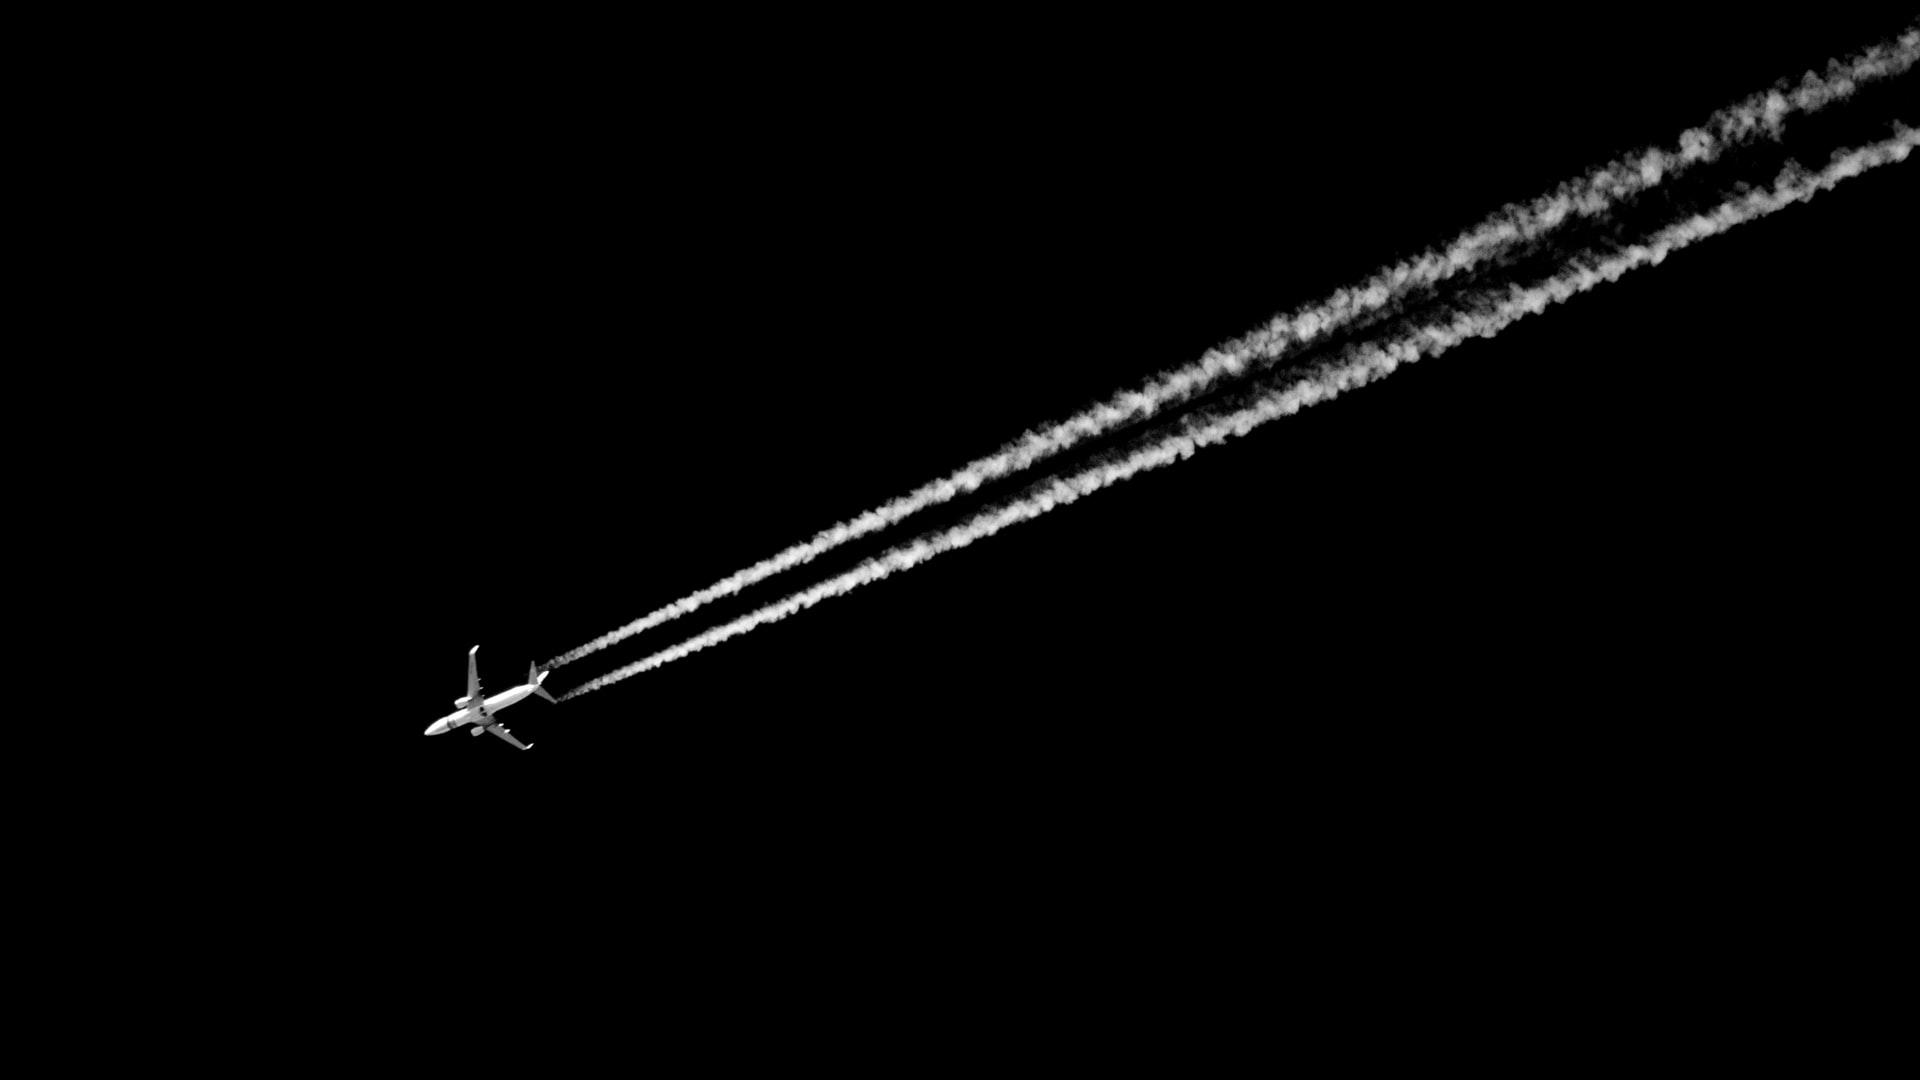 Les trainées laissées par un avion dans le ciel